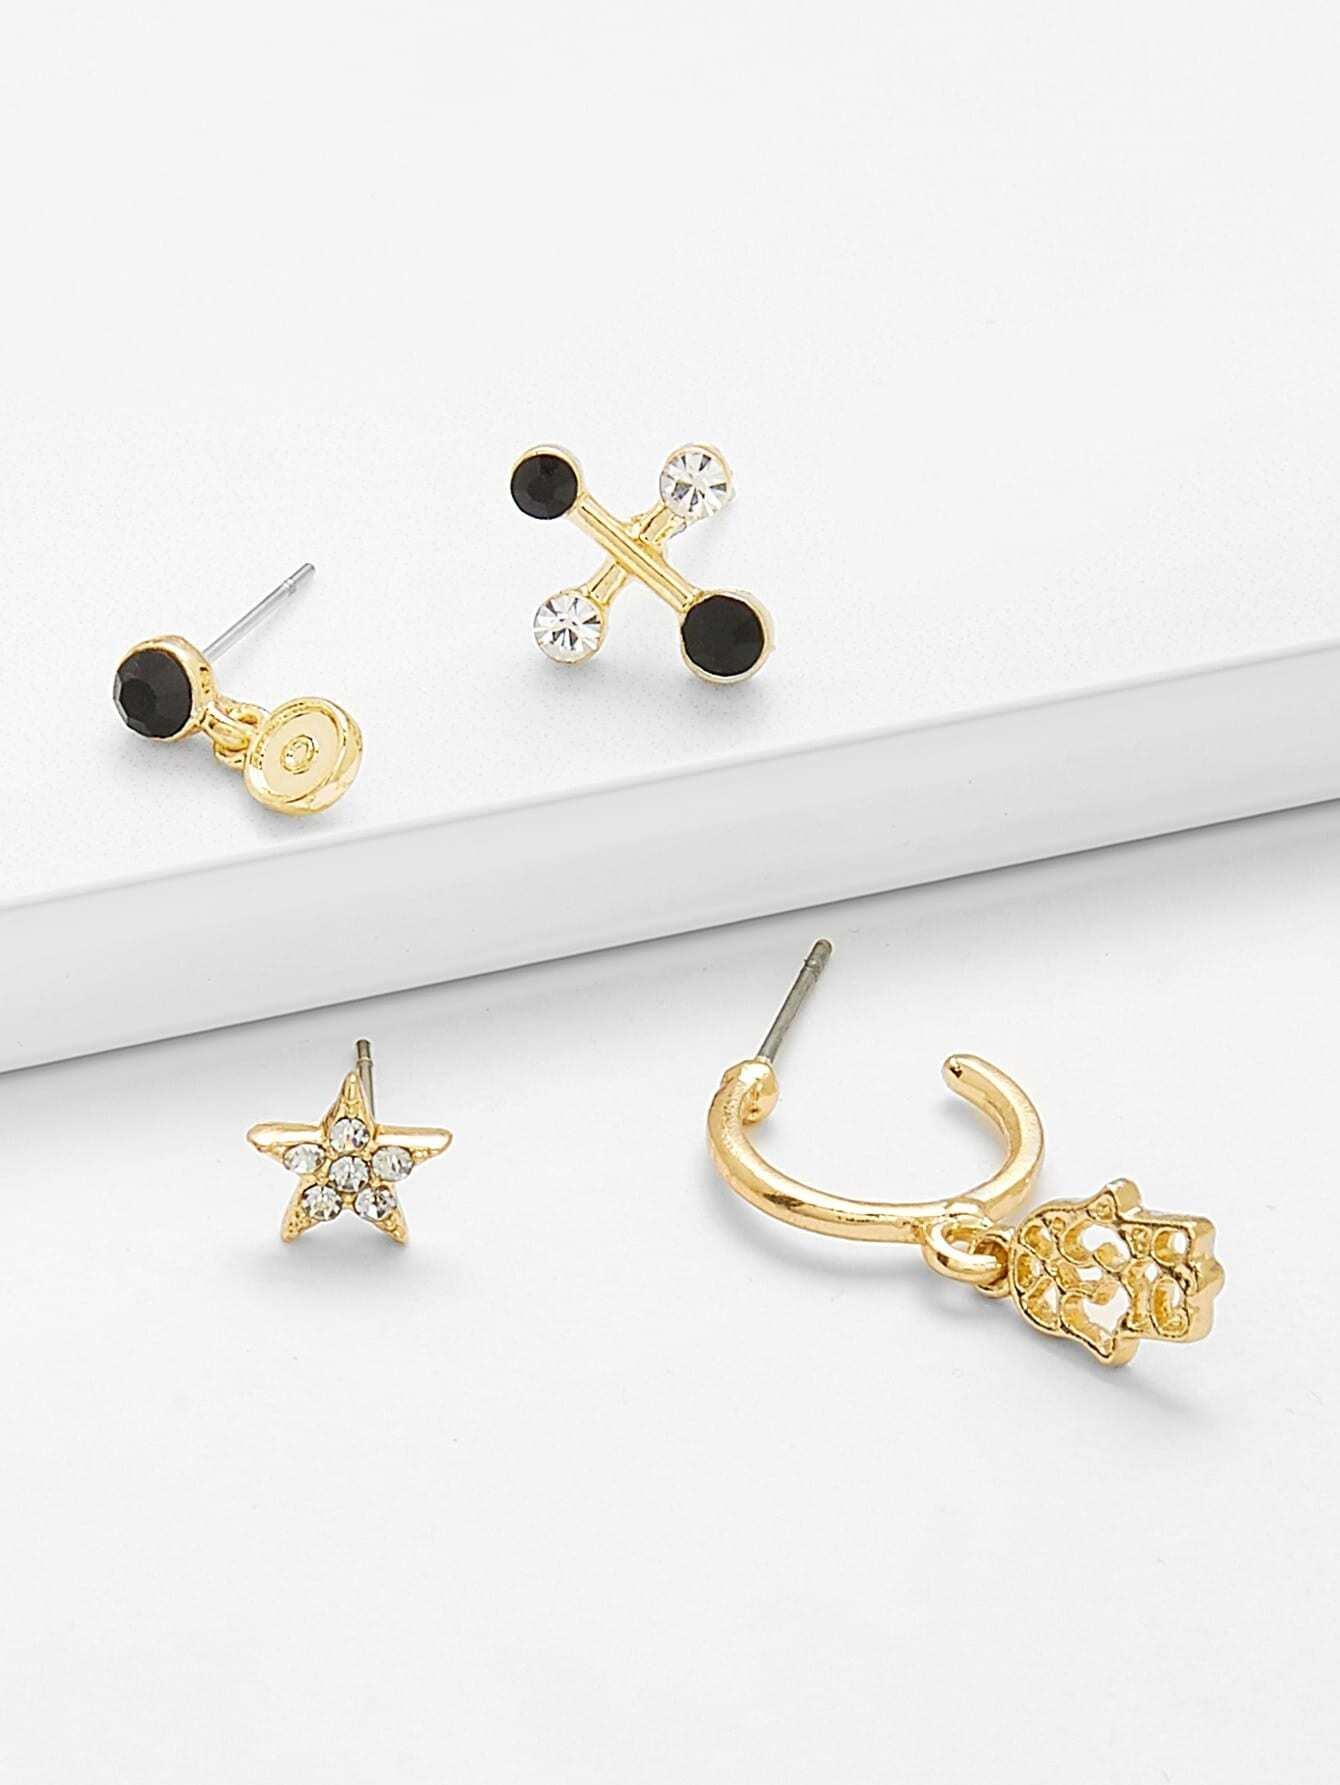 Купить Комплект серьги для дизайна и дизайна для Palm & Star, null, SheIn